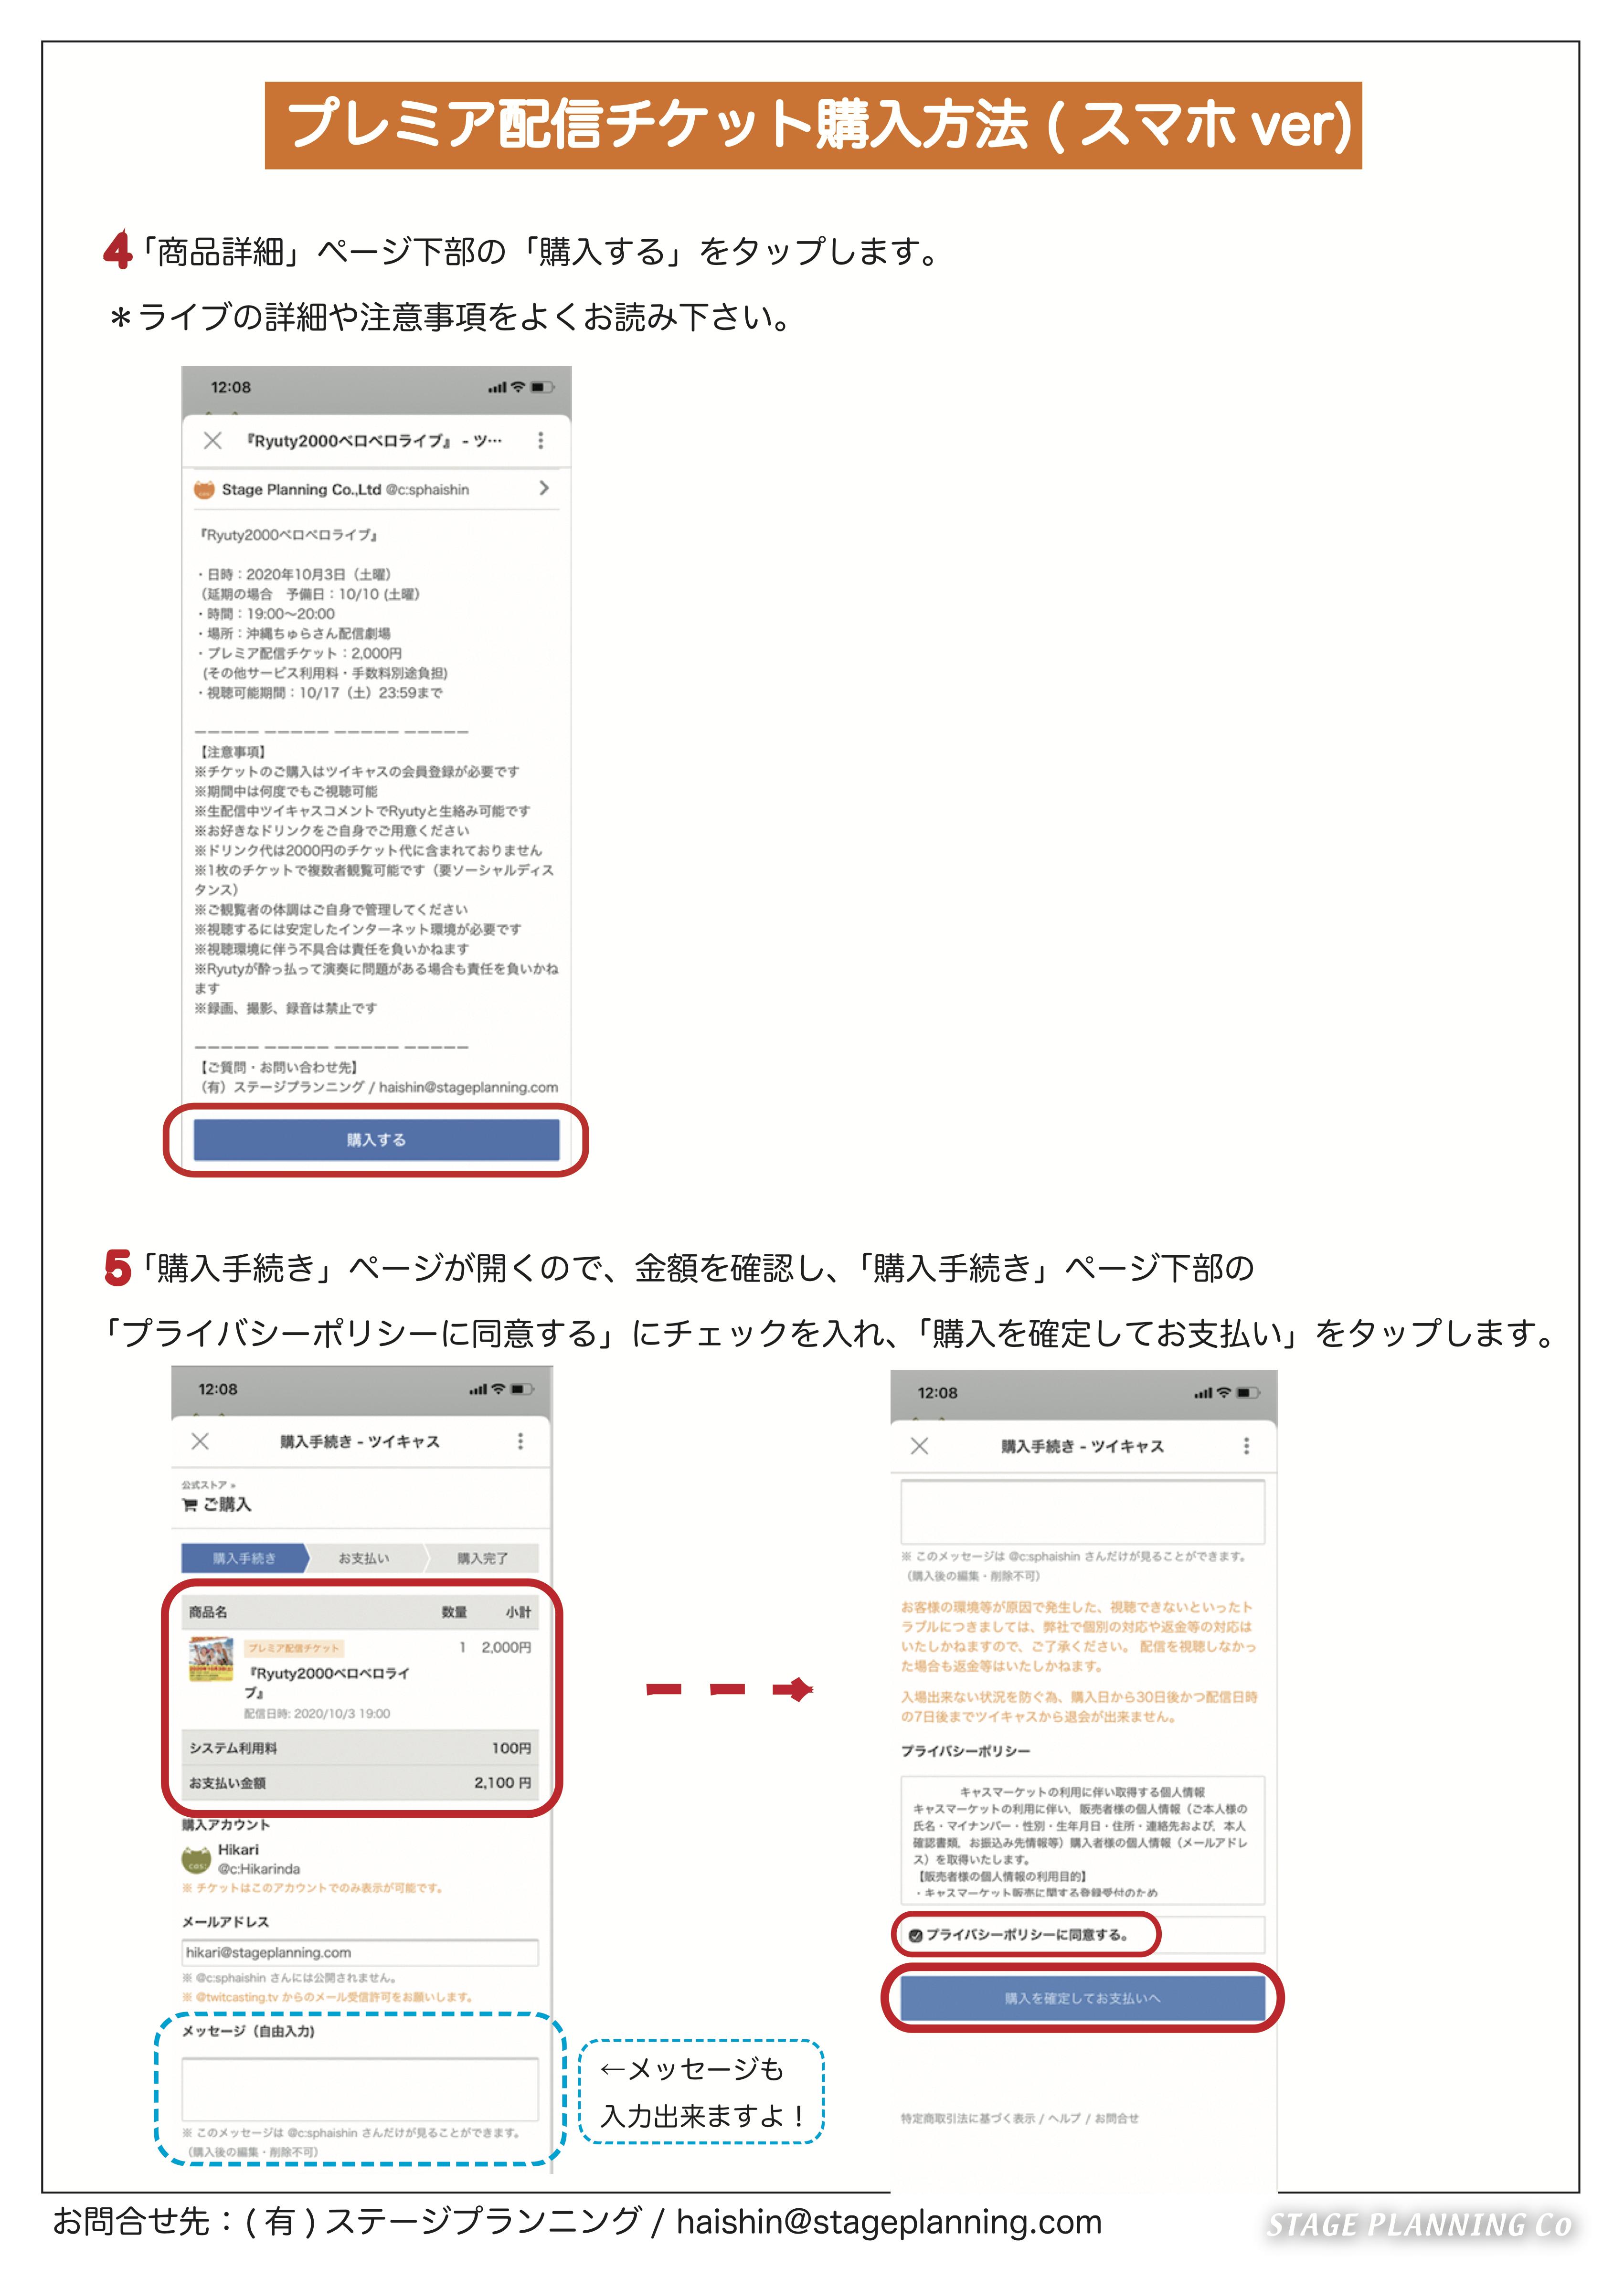 ツイキャス登録~購入方法 スマホver-1(ドラッグされました) 4